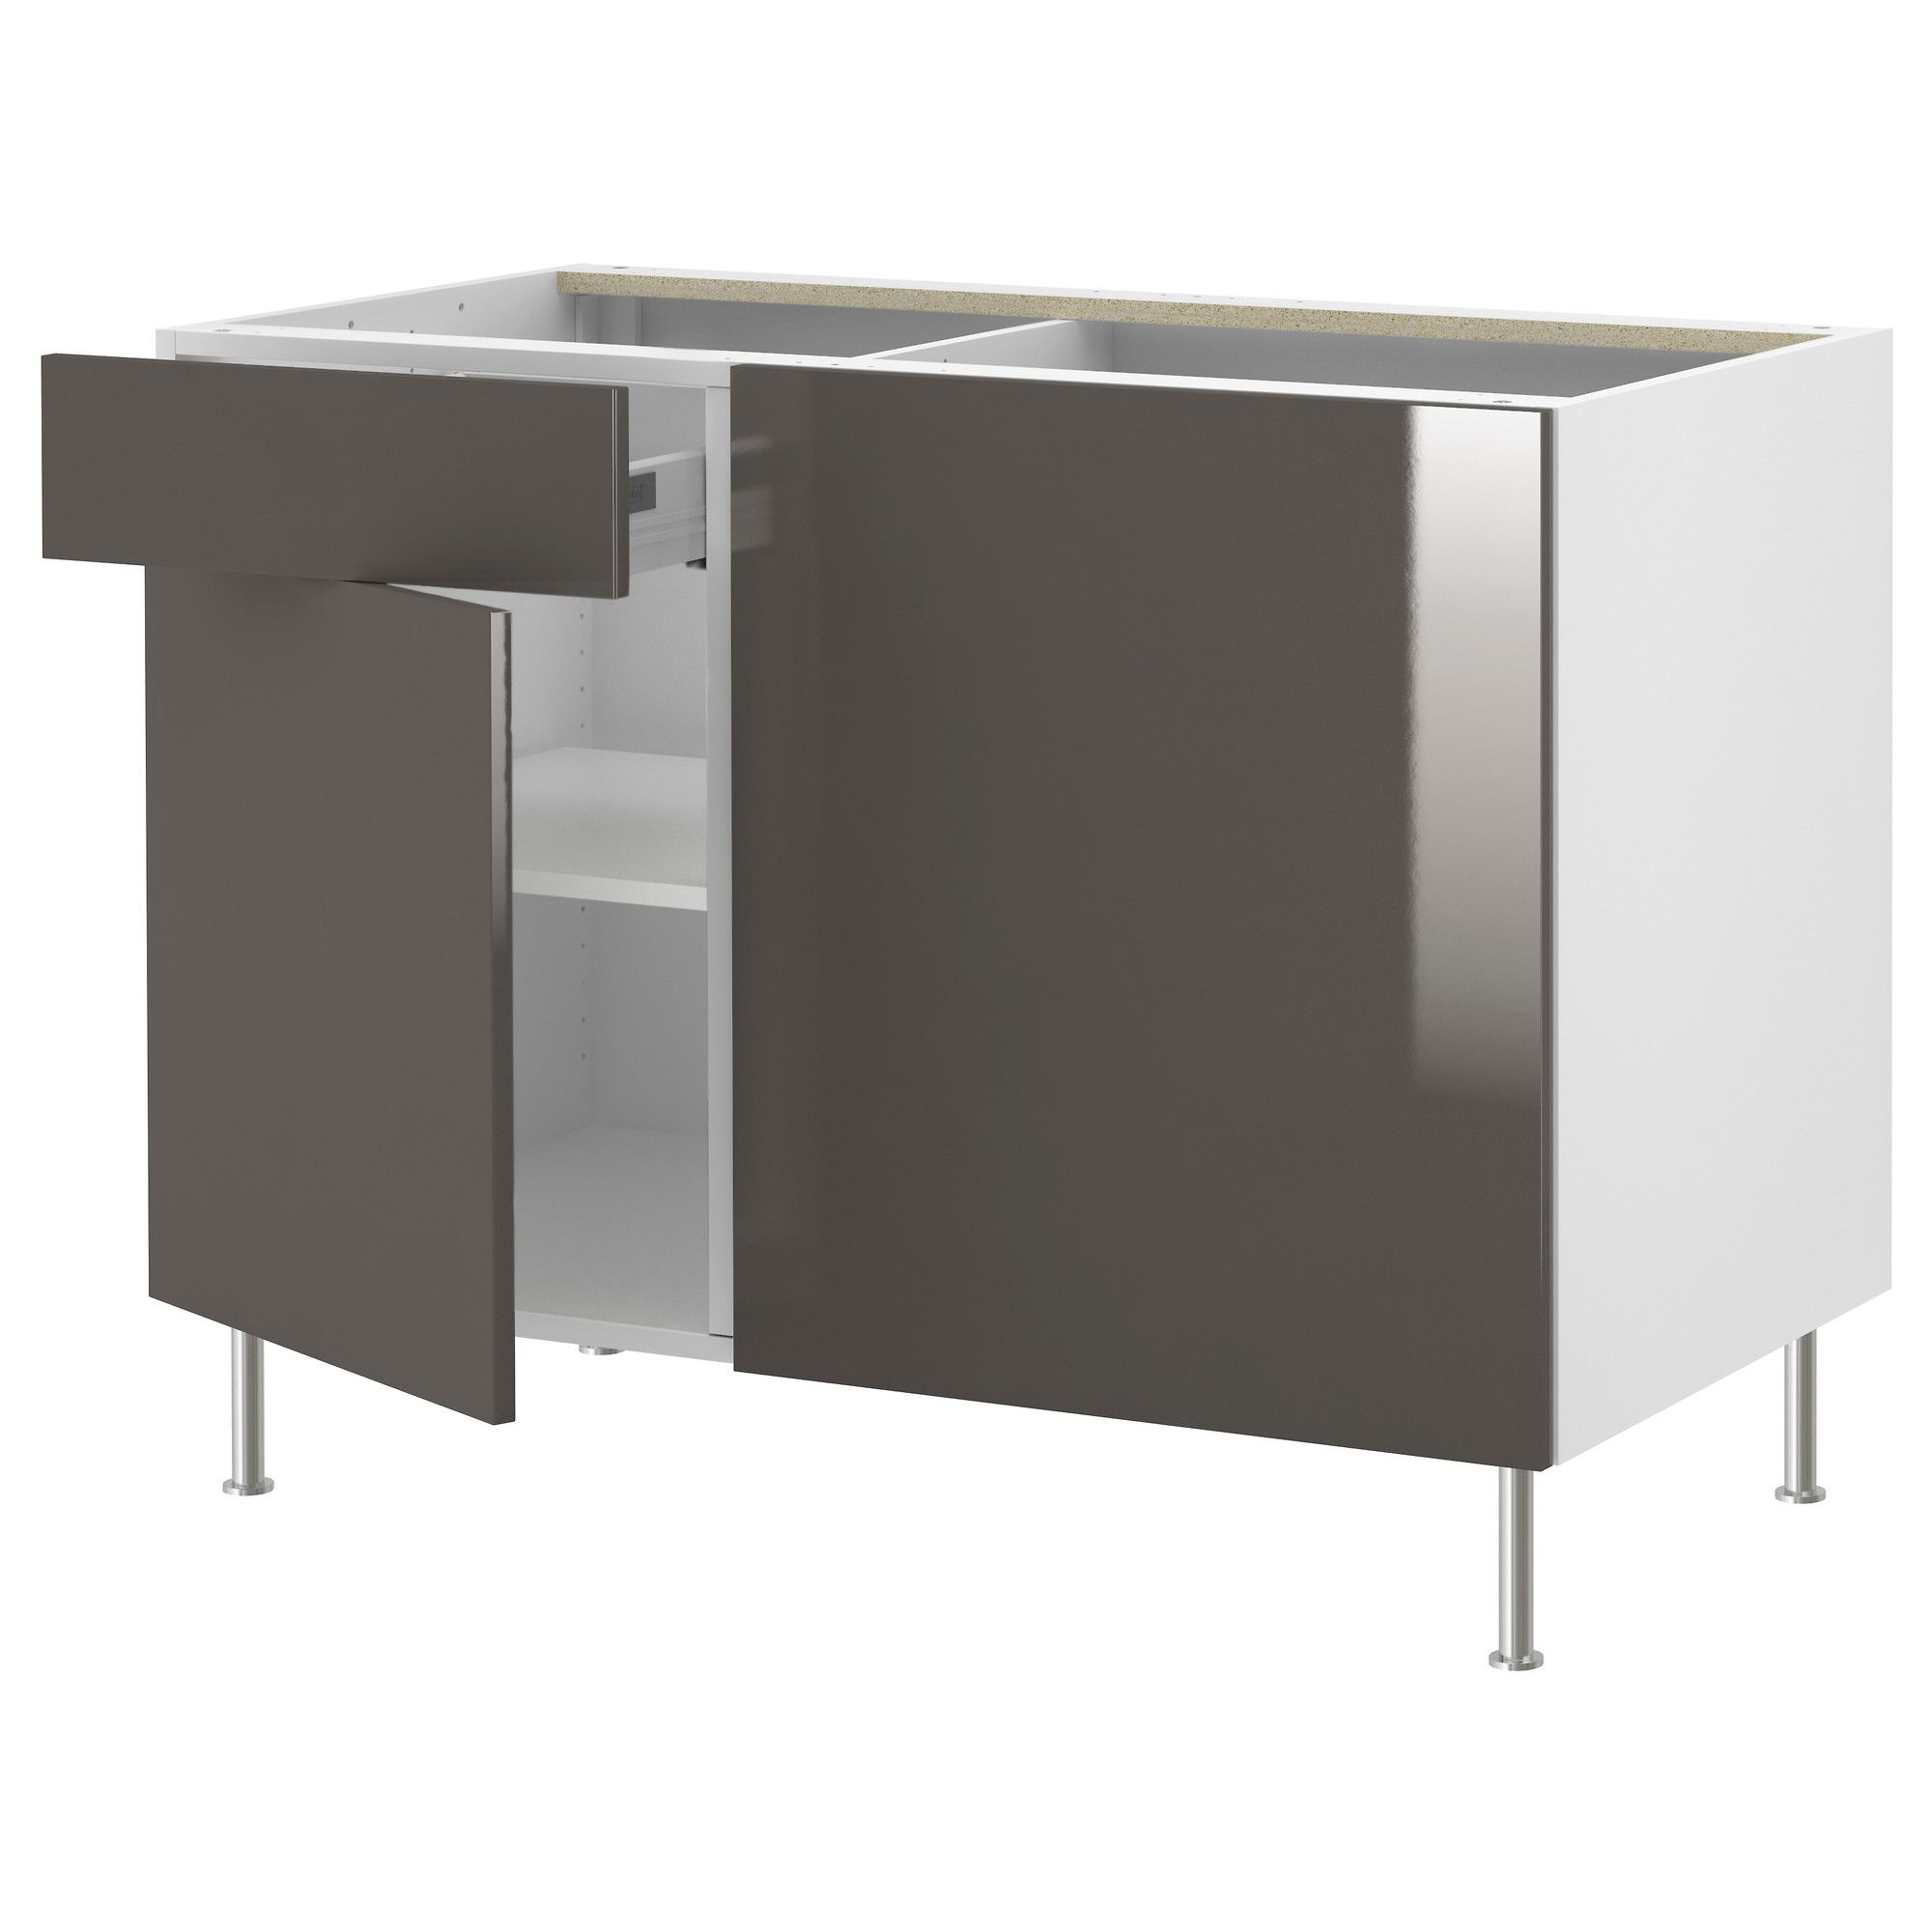 Corner base kitchen cabinet  AKURUM Corner base cabinet with shelf  birch effect Abstrakt high